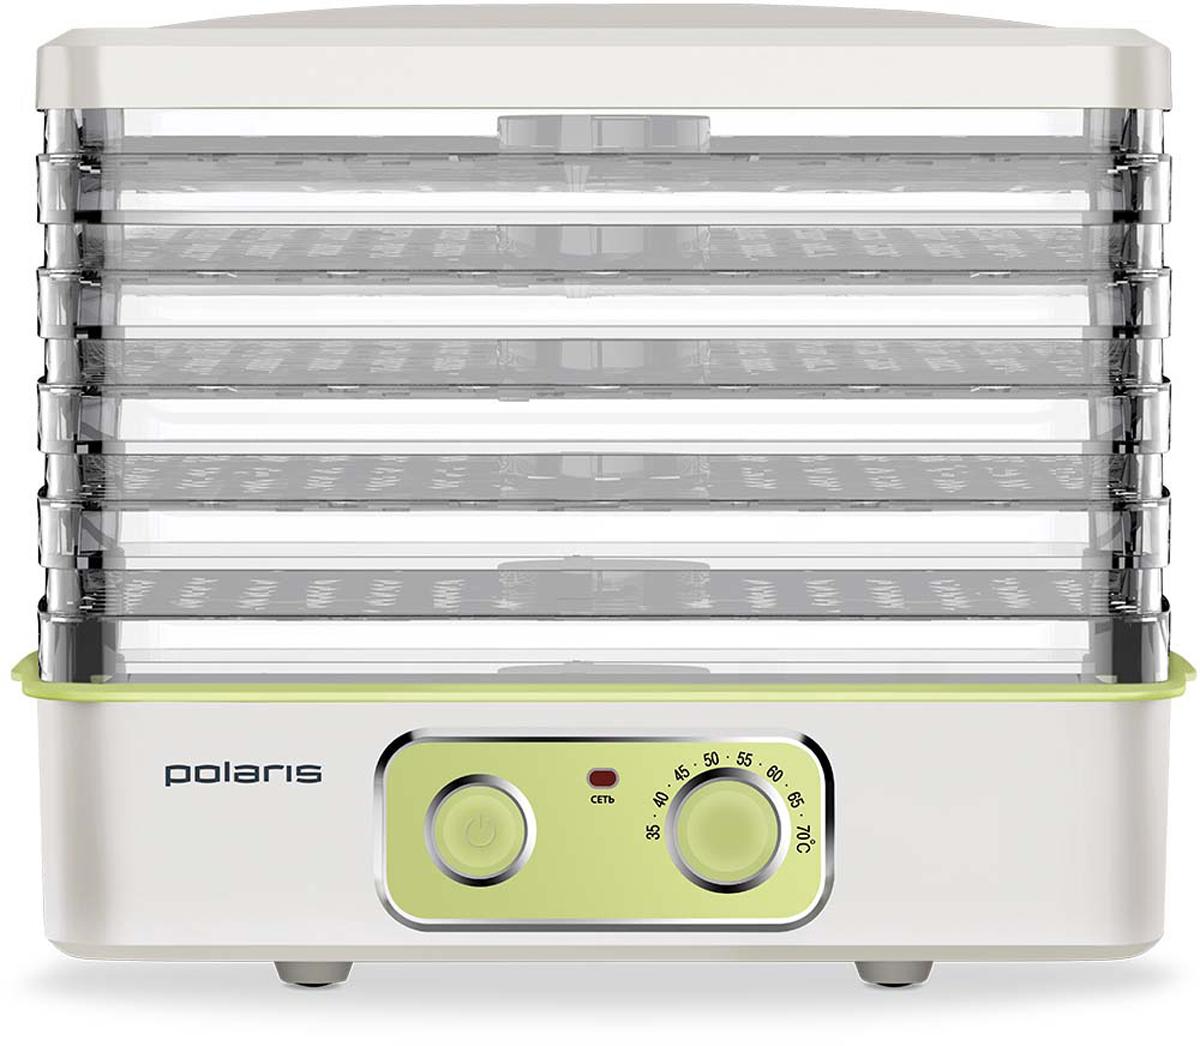 Polaris PFD 1005 сушилка для овощей и фруктов - Стиральные машины и сушильные аппараты